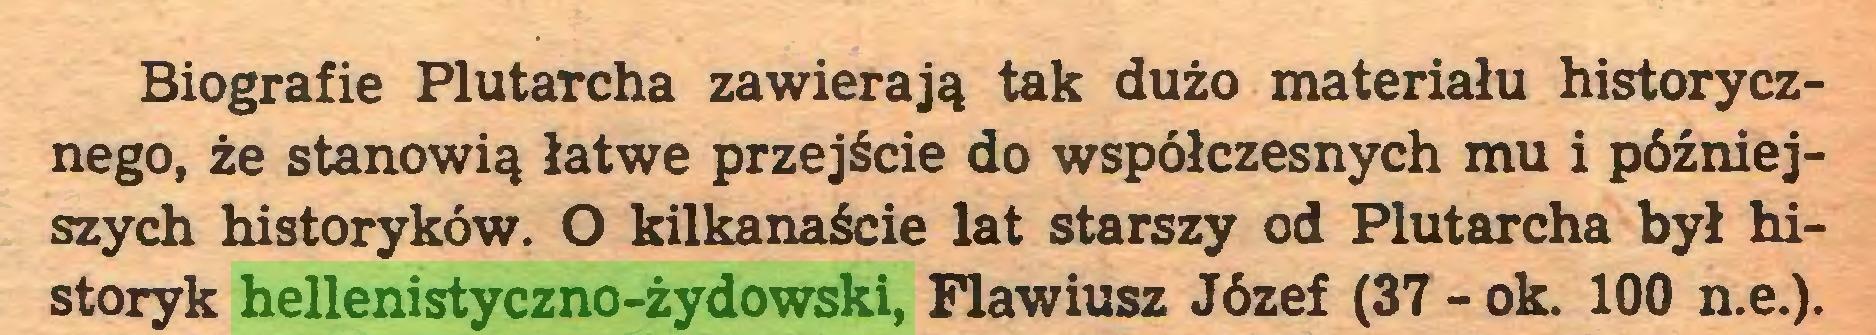 (...) Biografie PlutaTcha zawierają tak dużo materiału historycznego, że stanowią łatwe przejście do współczesnych mu i późniejszych historyków. O kilkanaście lat starszy od Plutarcha był historyk hellenistyczno-żydowski, Flawiusz Józef (37-ok. 100 n.e.)...